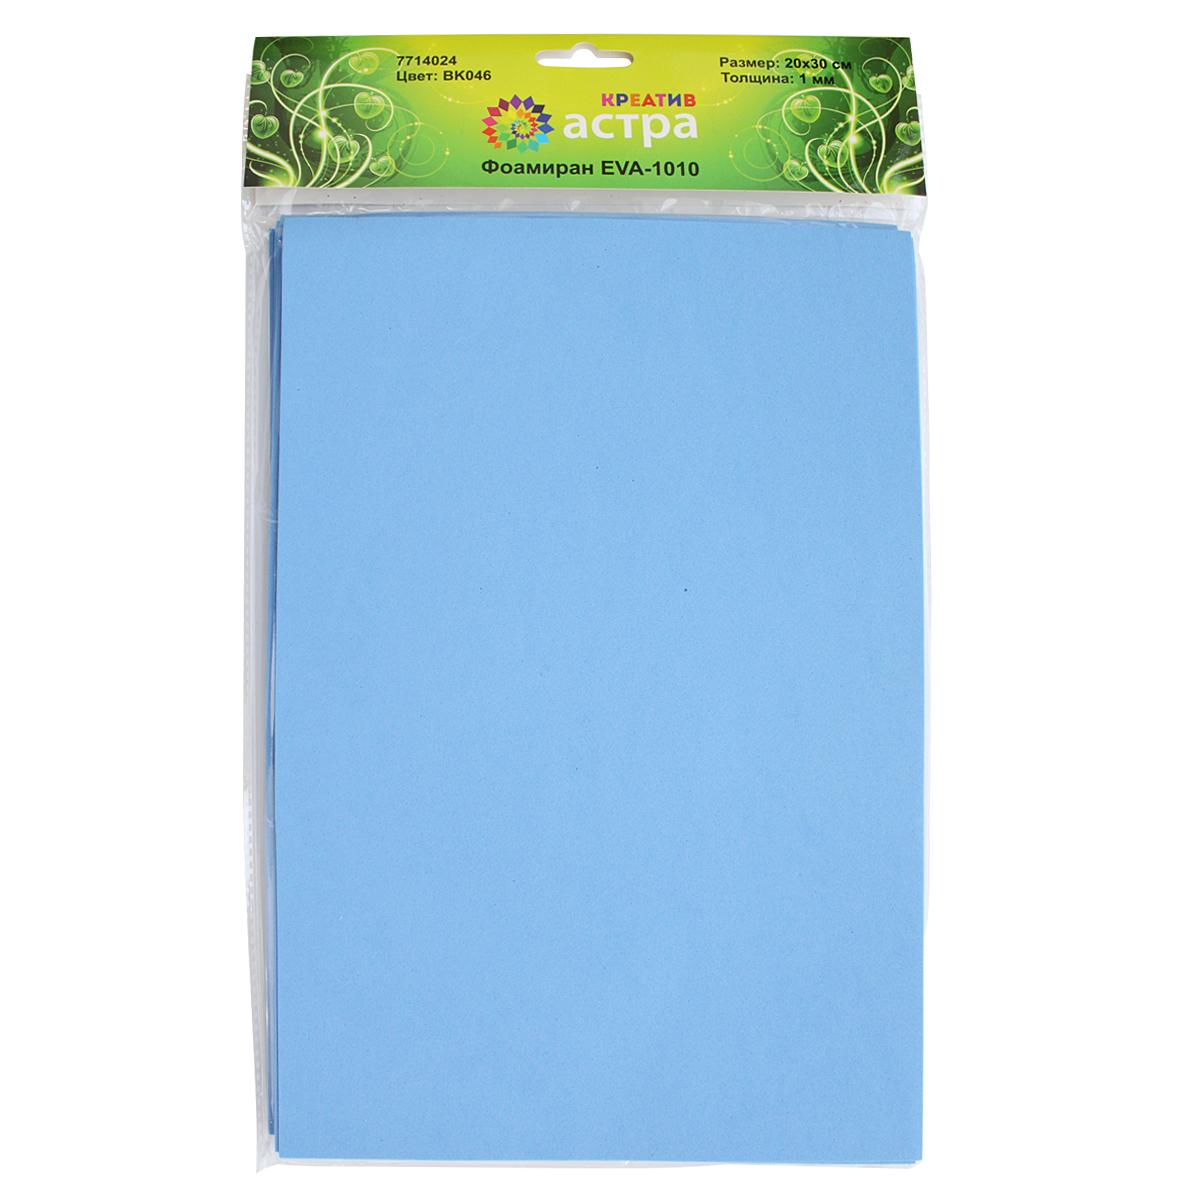 Фоамиран Астра, цвет: светло-голубой, 20 х 30 см, 10 шт7714024_BK046 светло-голубойФоамиран Астра - это пластичная замша, ее можно применить для создания разнообразного вида декора: открытки, магнитики, цветы, забавные игрушки и т.д. Главная особенность материала фоамиран заключается в его способности к незначительному растяжению, которого вполне достаточно для «запоминания» изделием своей формы.На ощупь мягкая синтетическая замша очень приятна и податлива, поэтому работать с ней не составит труда даже начинающему.Размер ткани: 200 x 300 мм. В упаковке 10 штук.